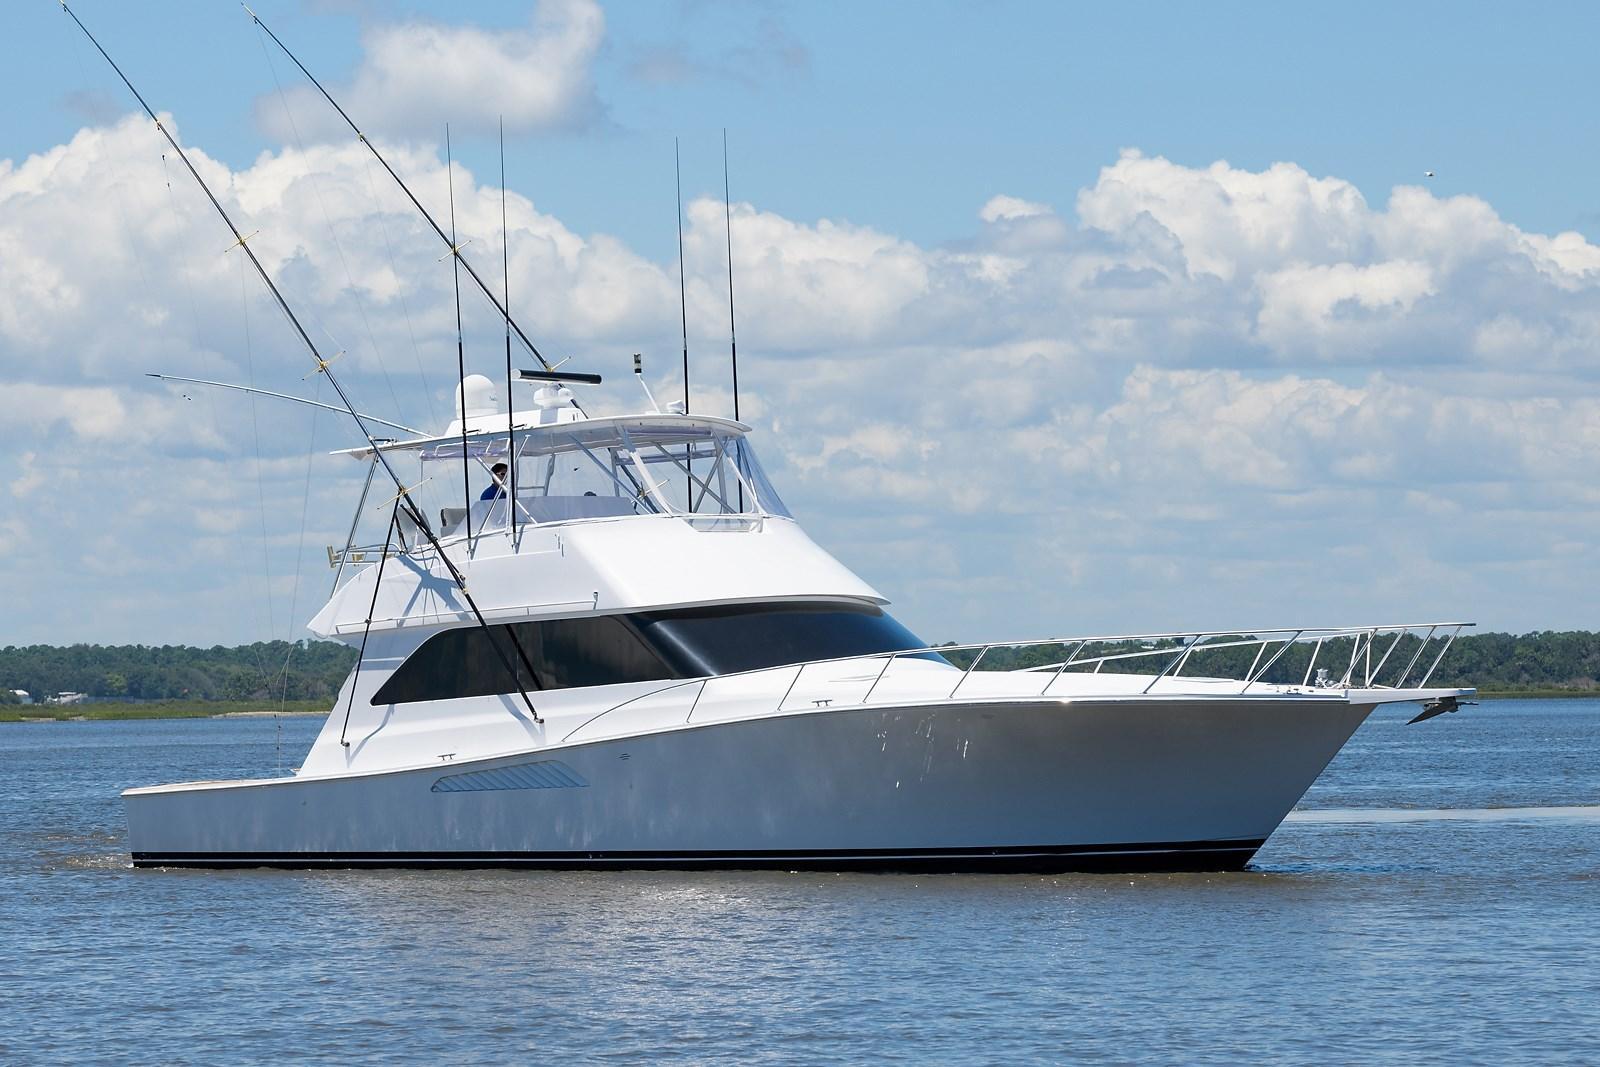 viking 55 - seakeeper 9